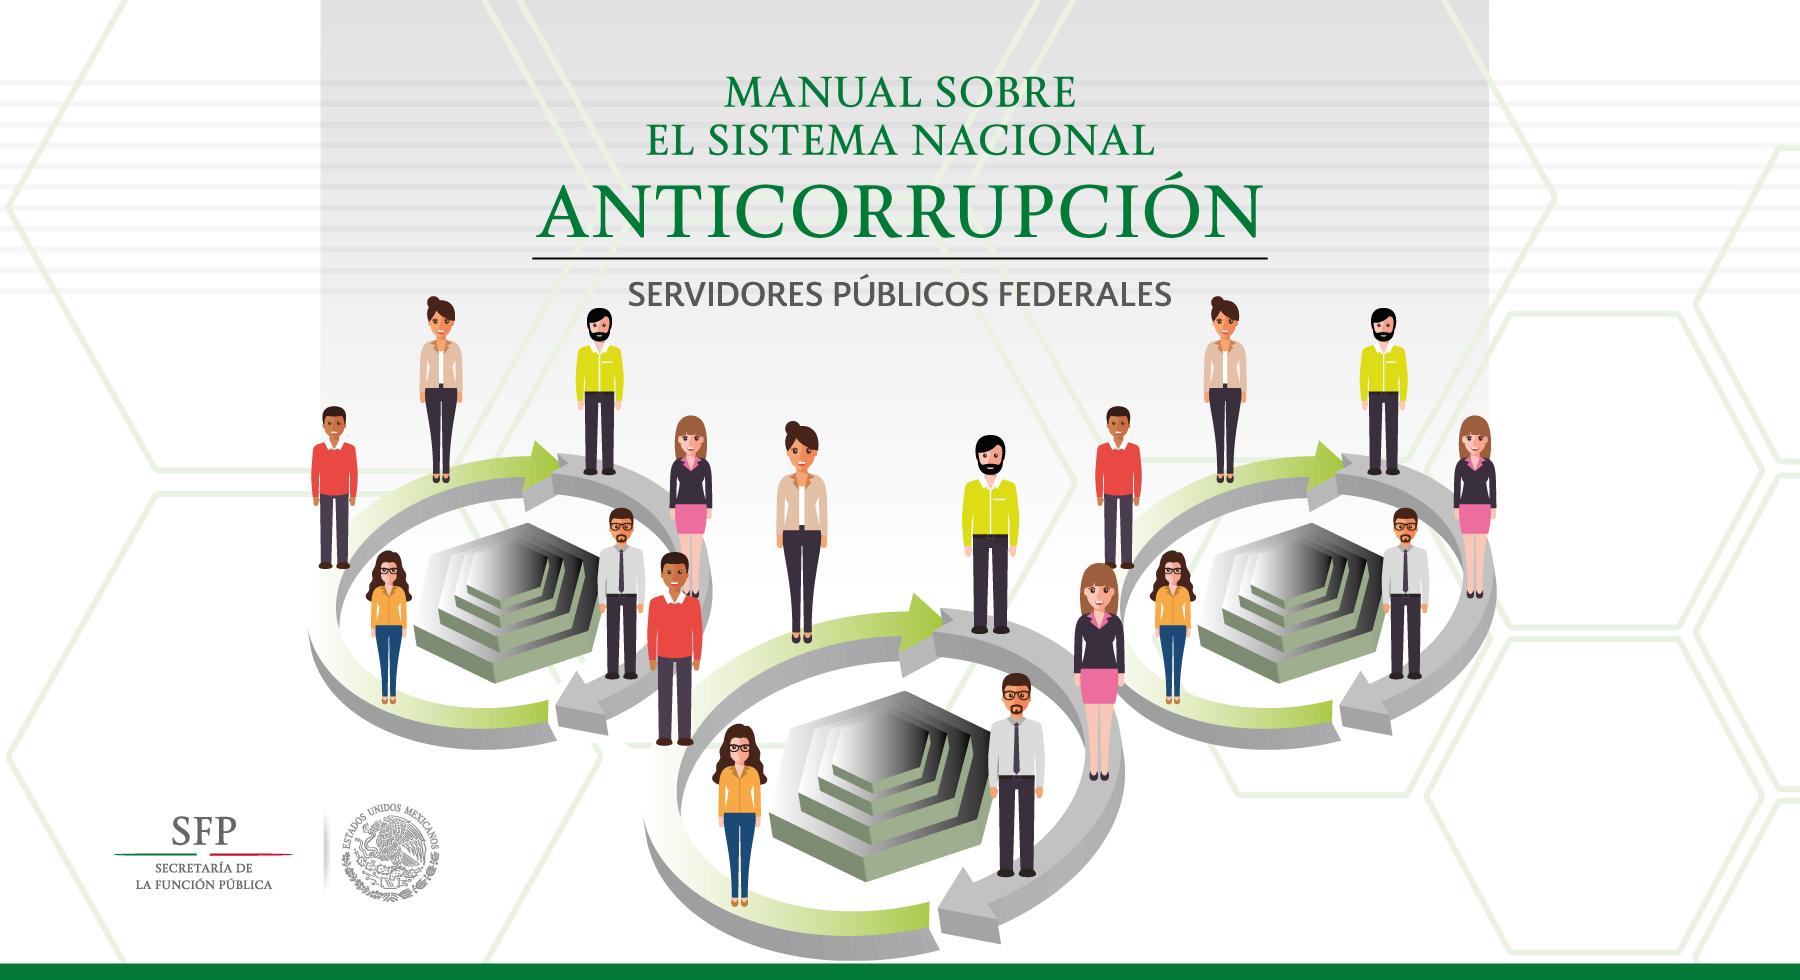 Manual sobre el Sistema Nacional Anticorrupción